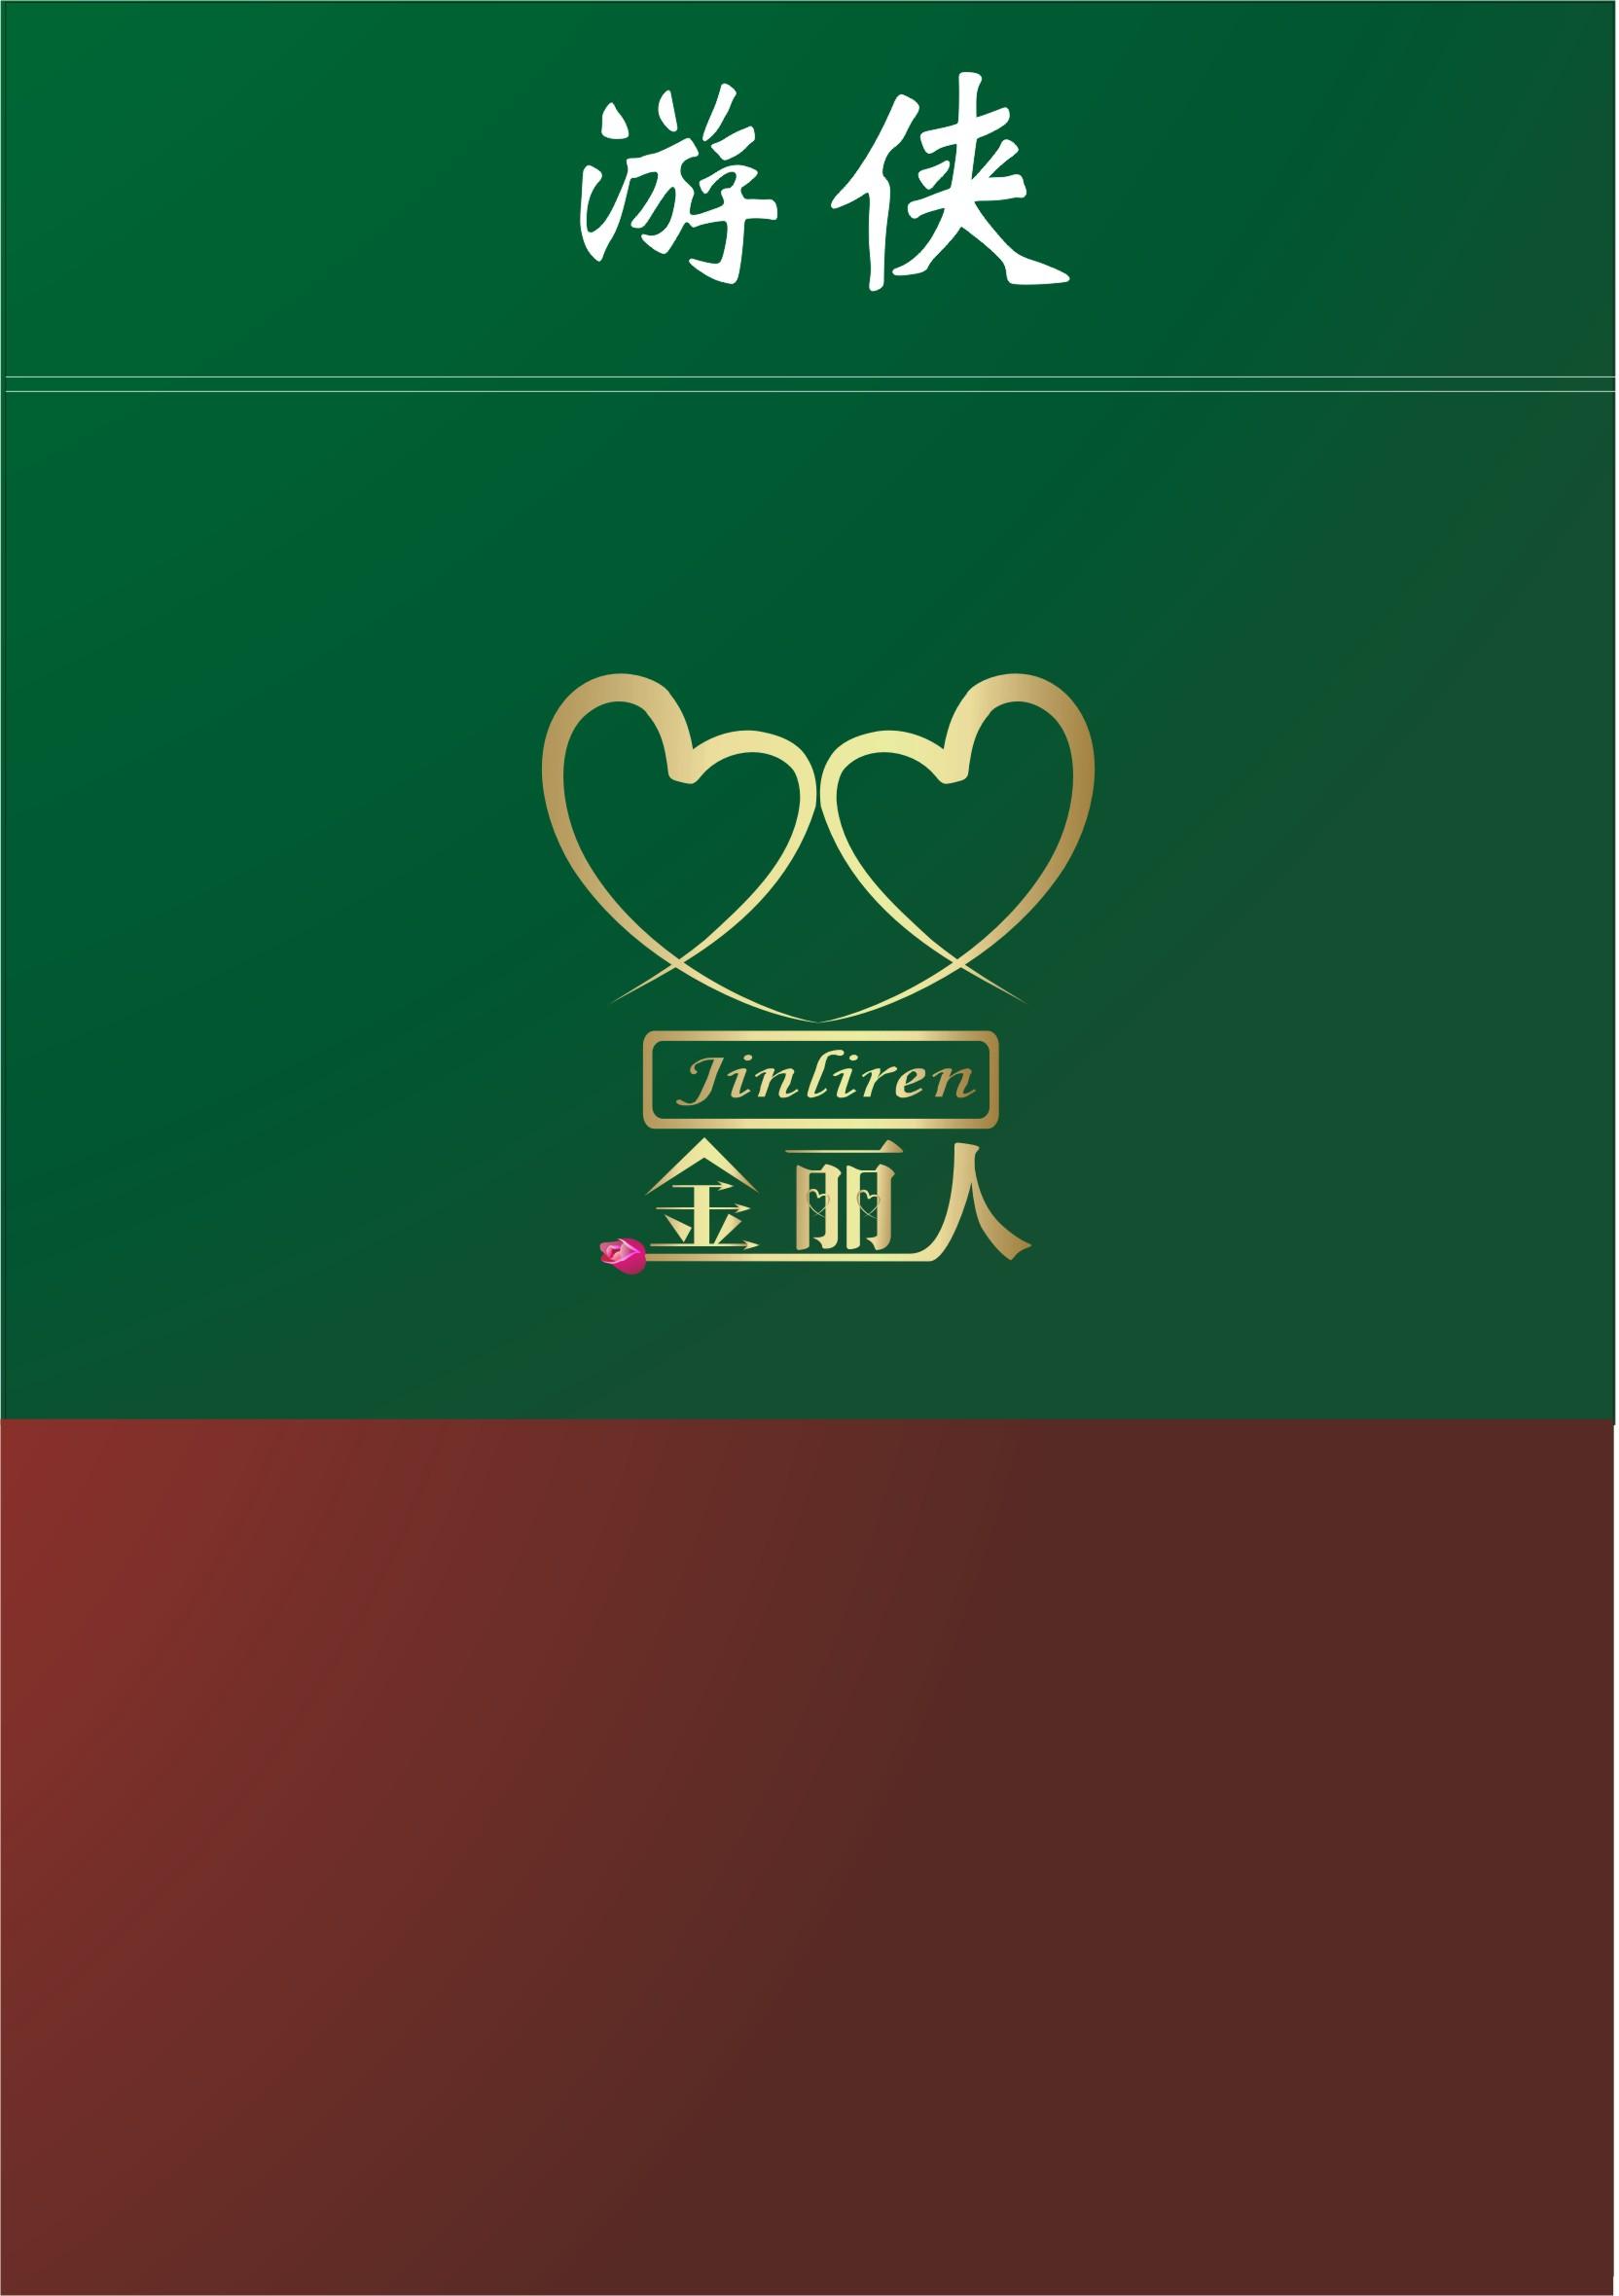 婚纱摄影店名艺术字体设计店标设计[6-5- 稿件[#1744240]